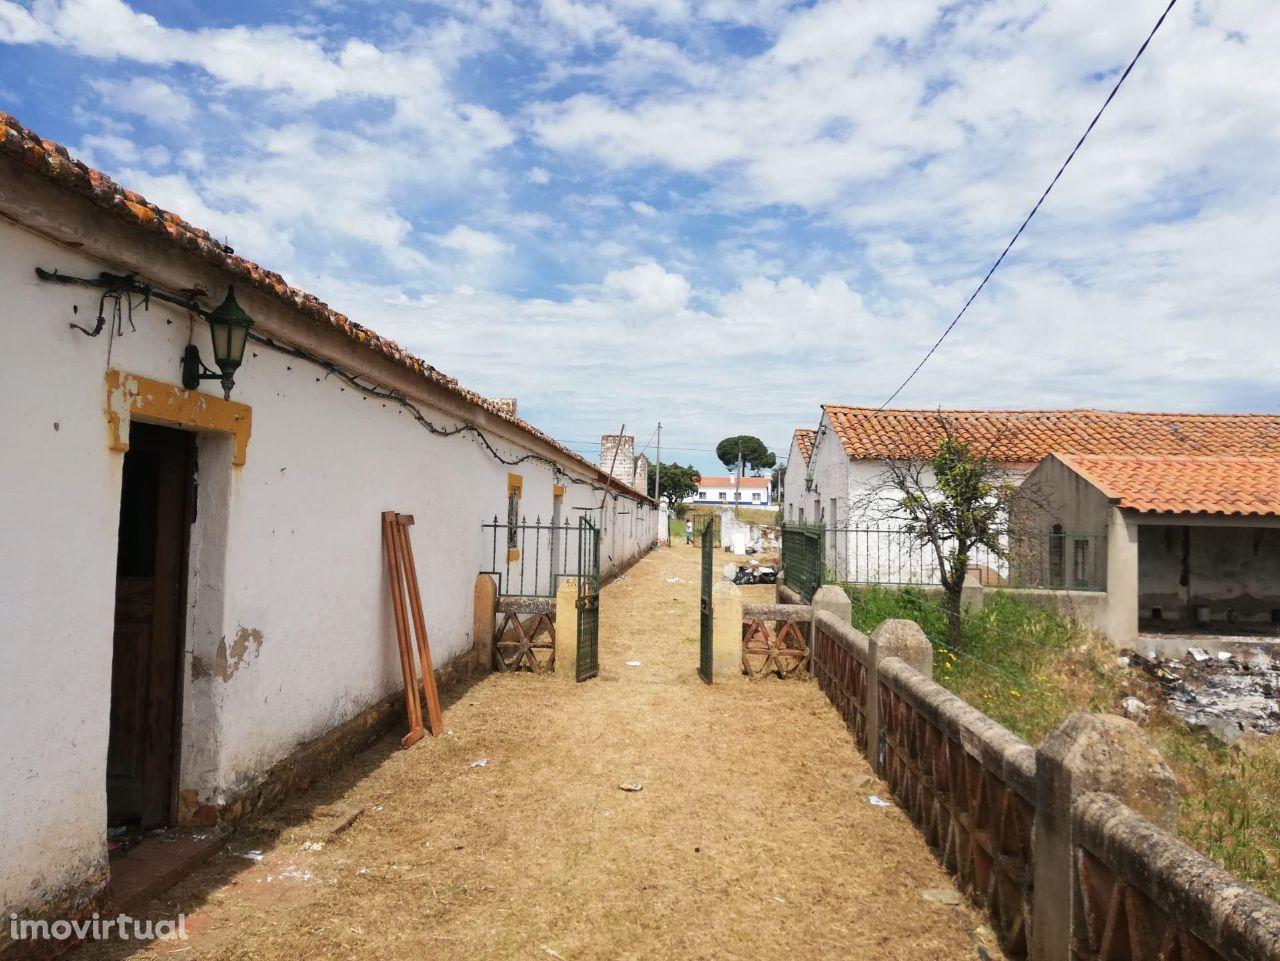 Monte no Alentejo: Herdade em Évora